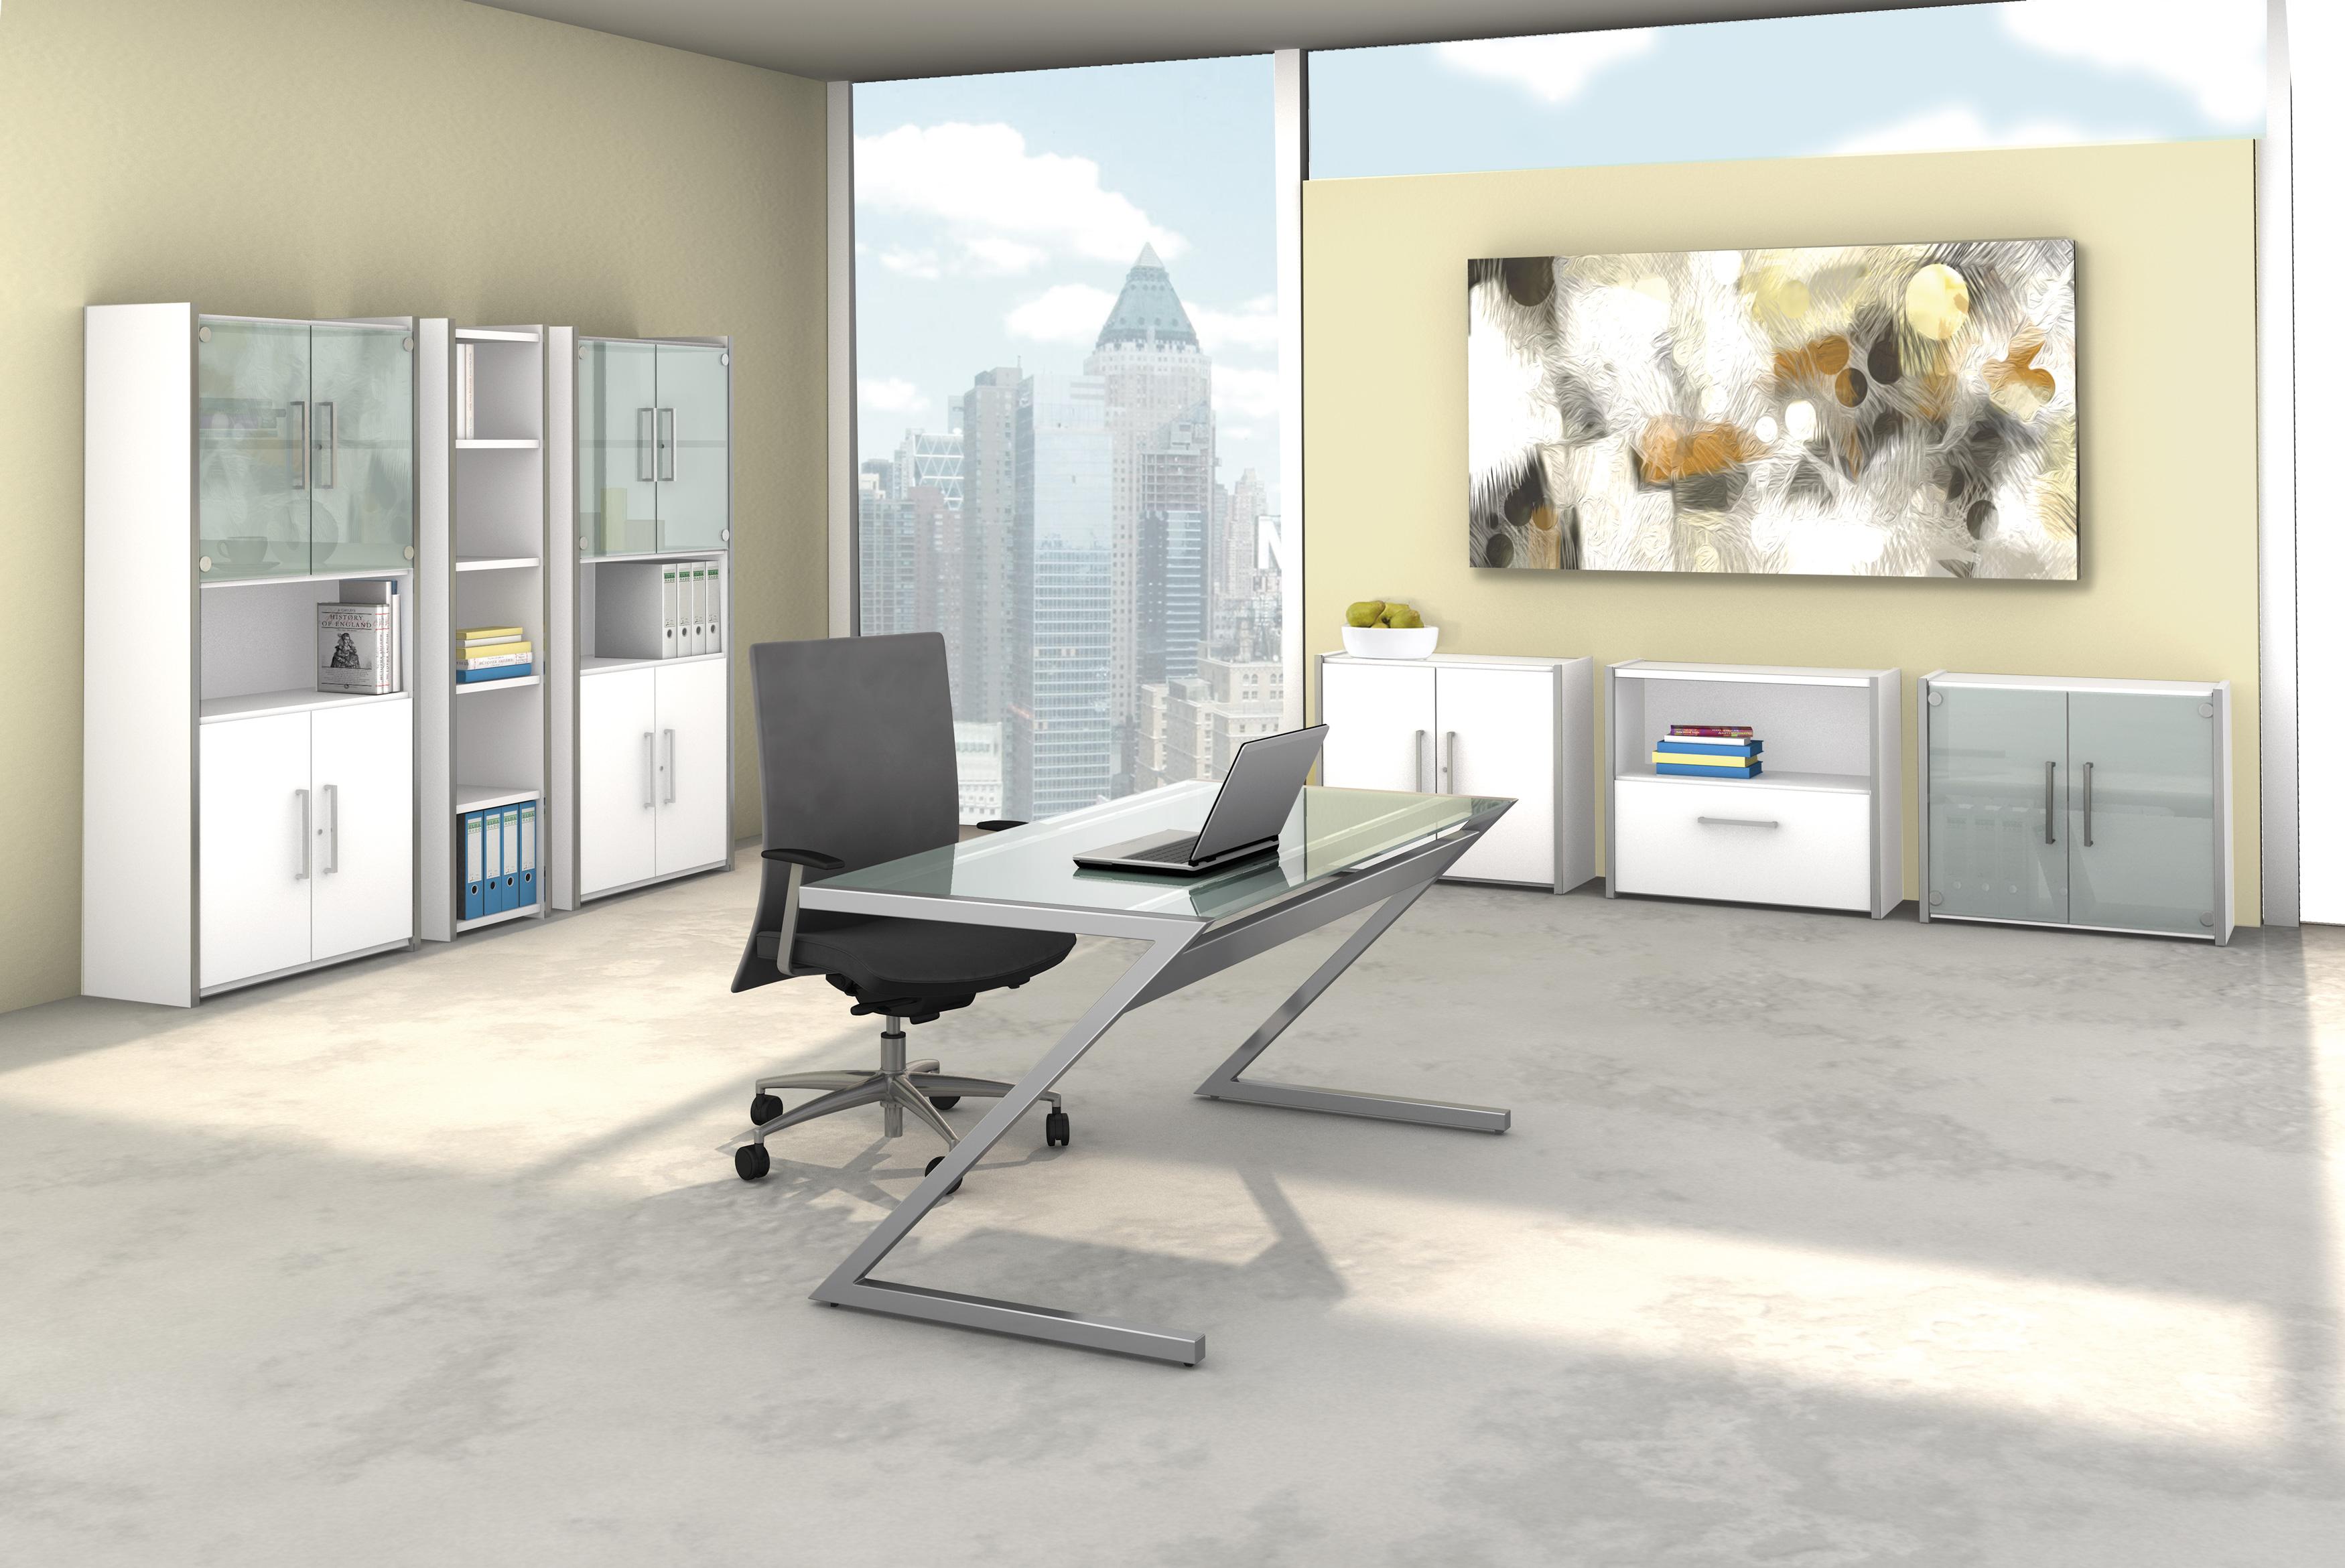 Büromöbel Serien | 123bueromoebel.de | Büromöbel | Sitzmöbel ...